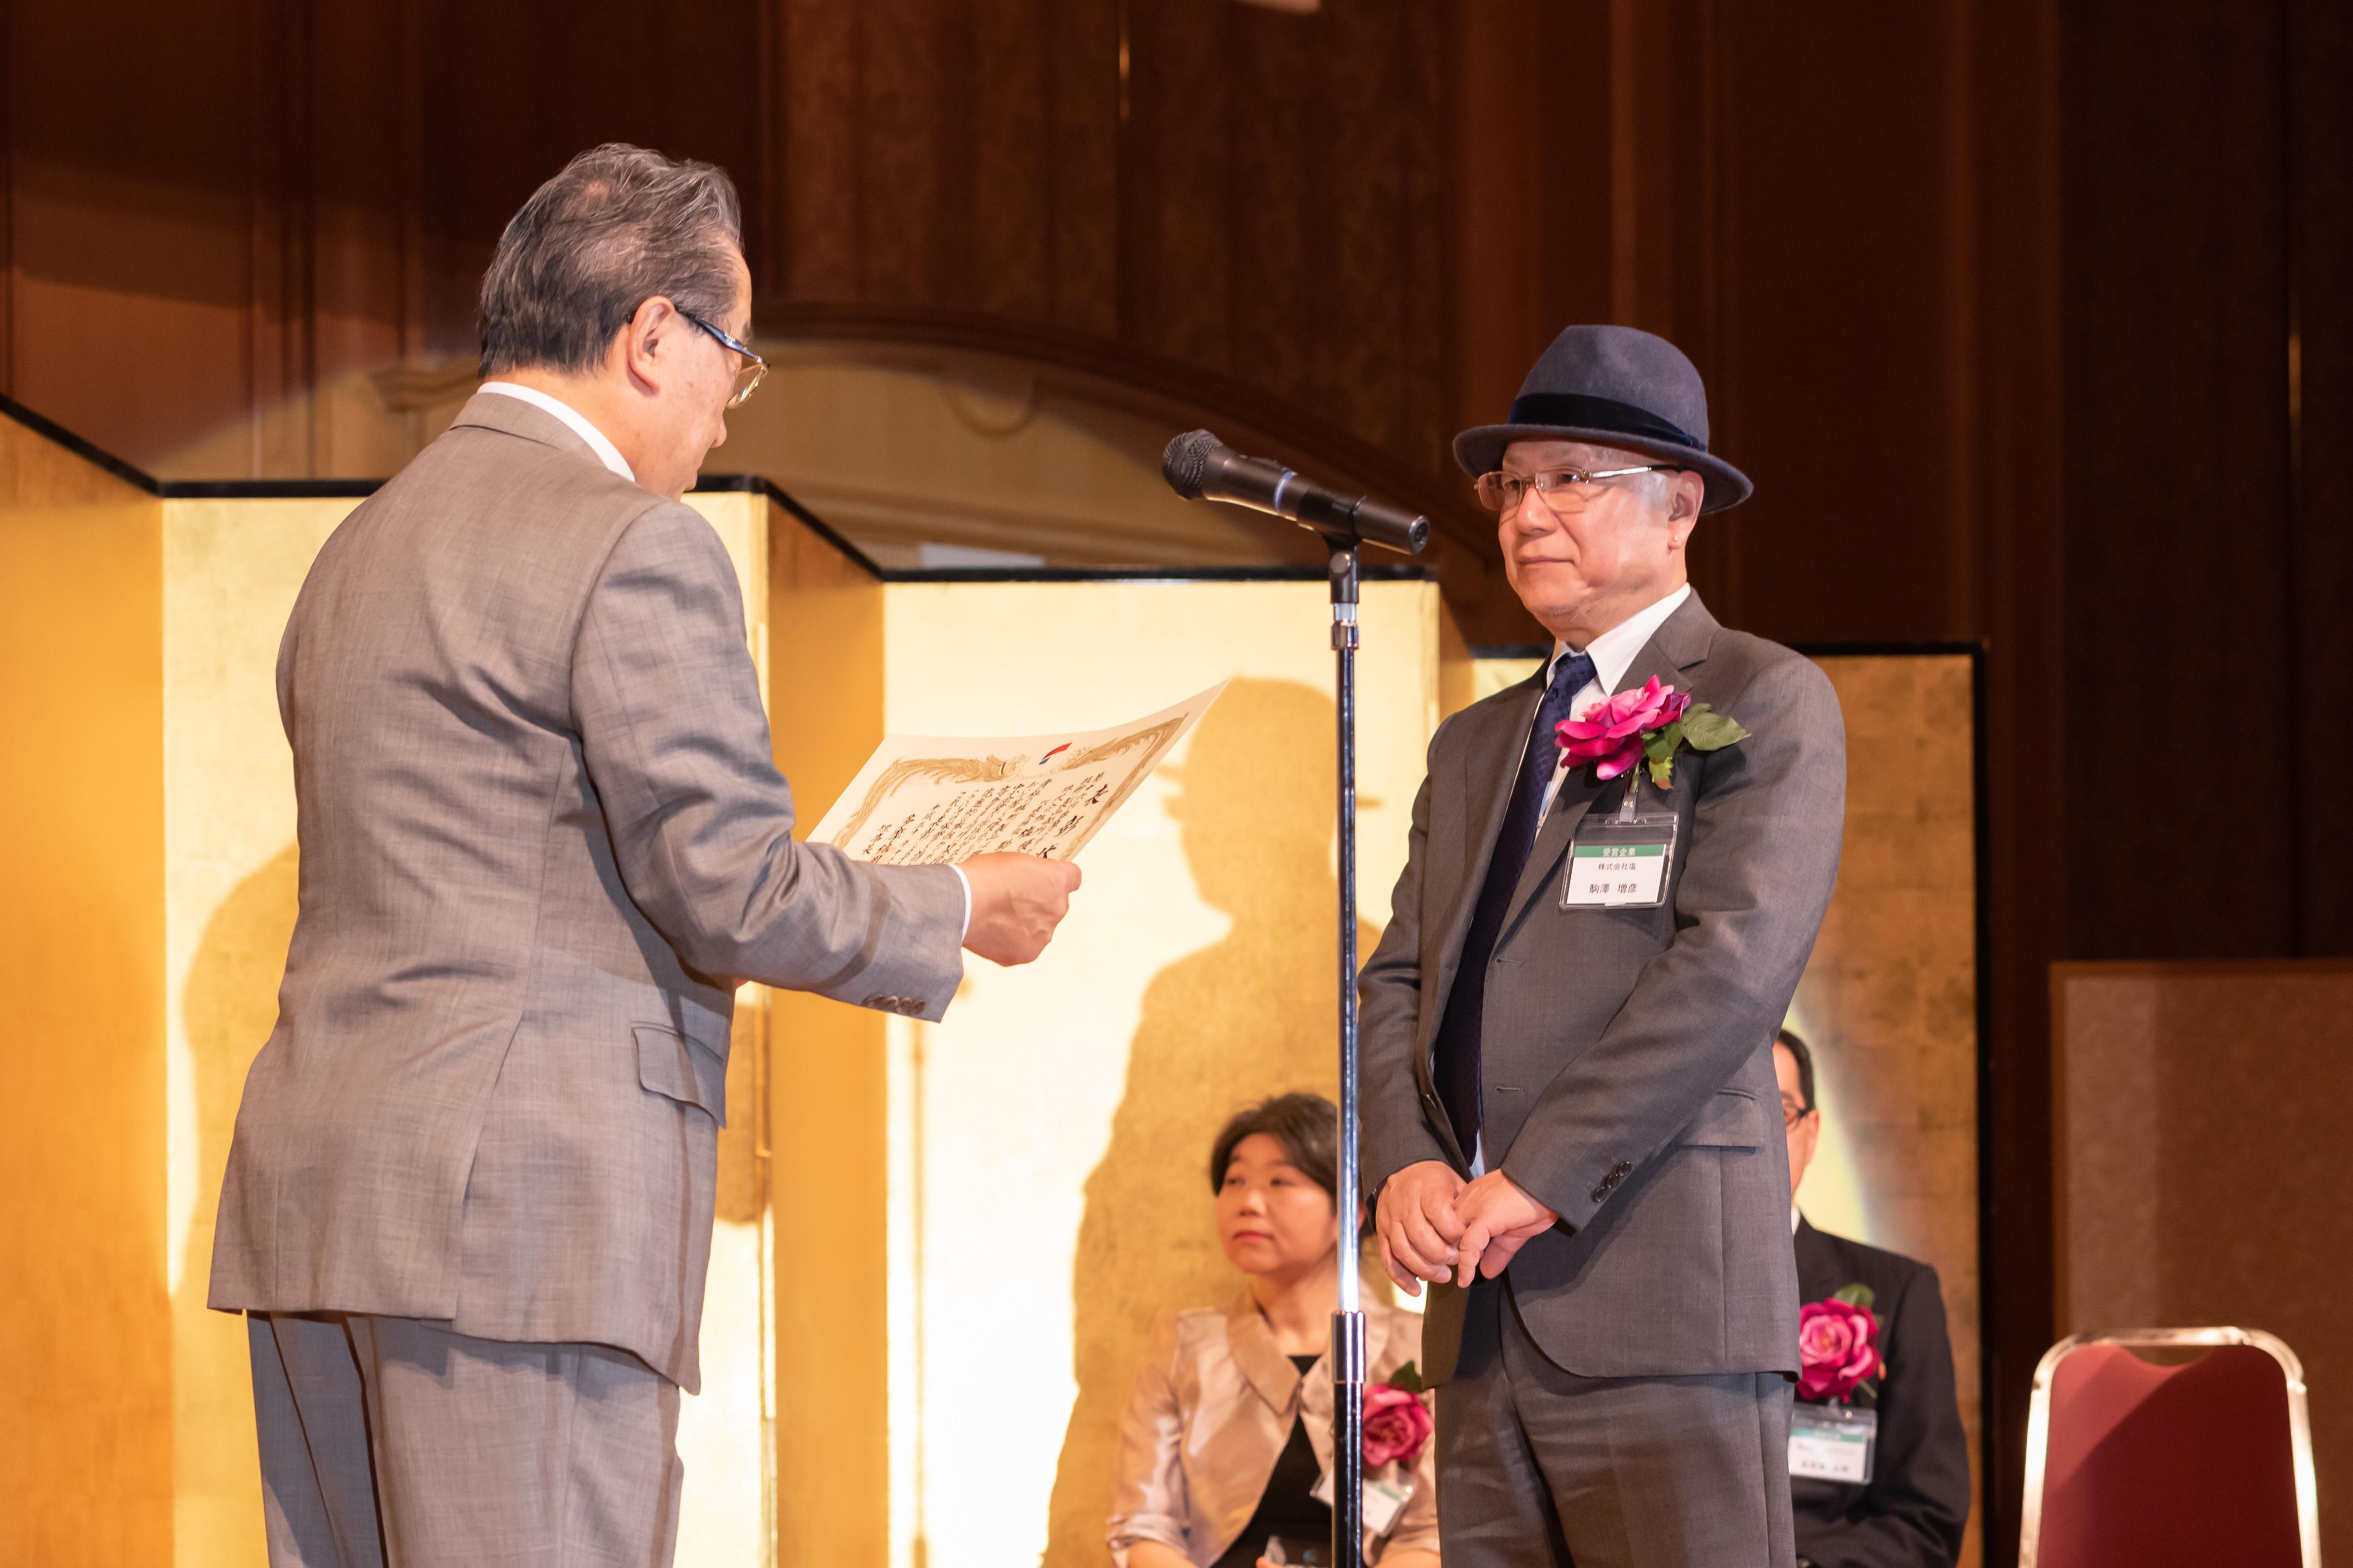 第16回 多摩ブルー・グリーン賞 授賞式